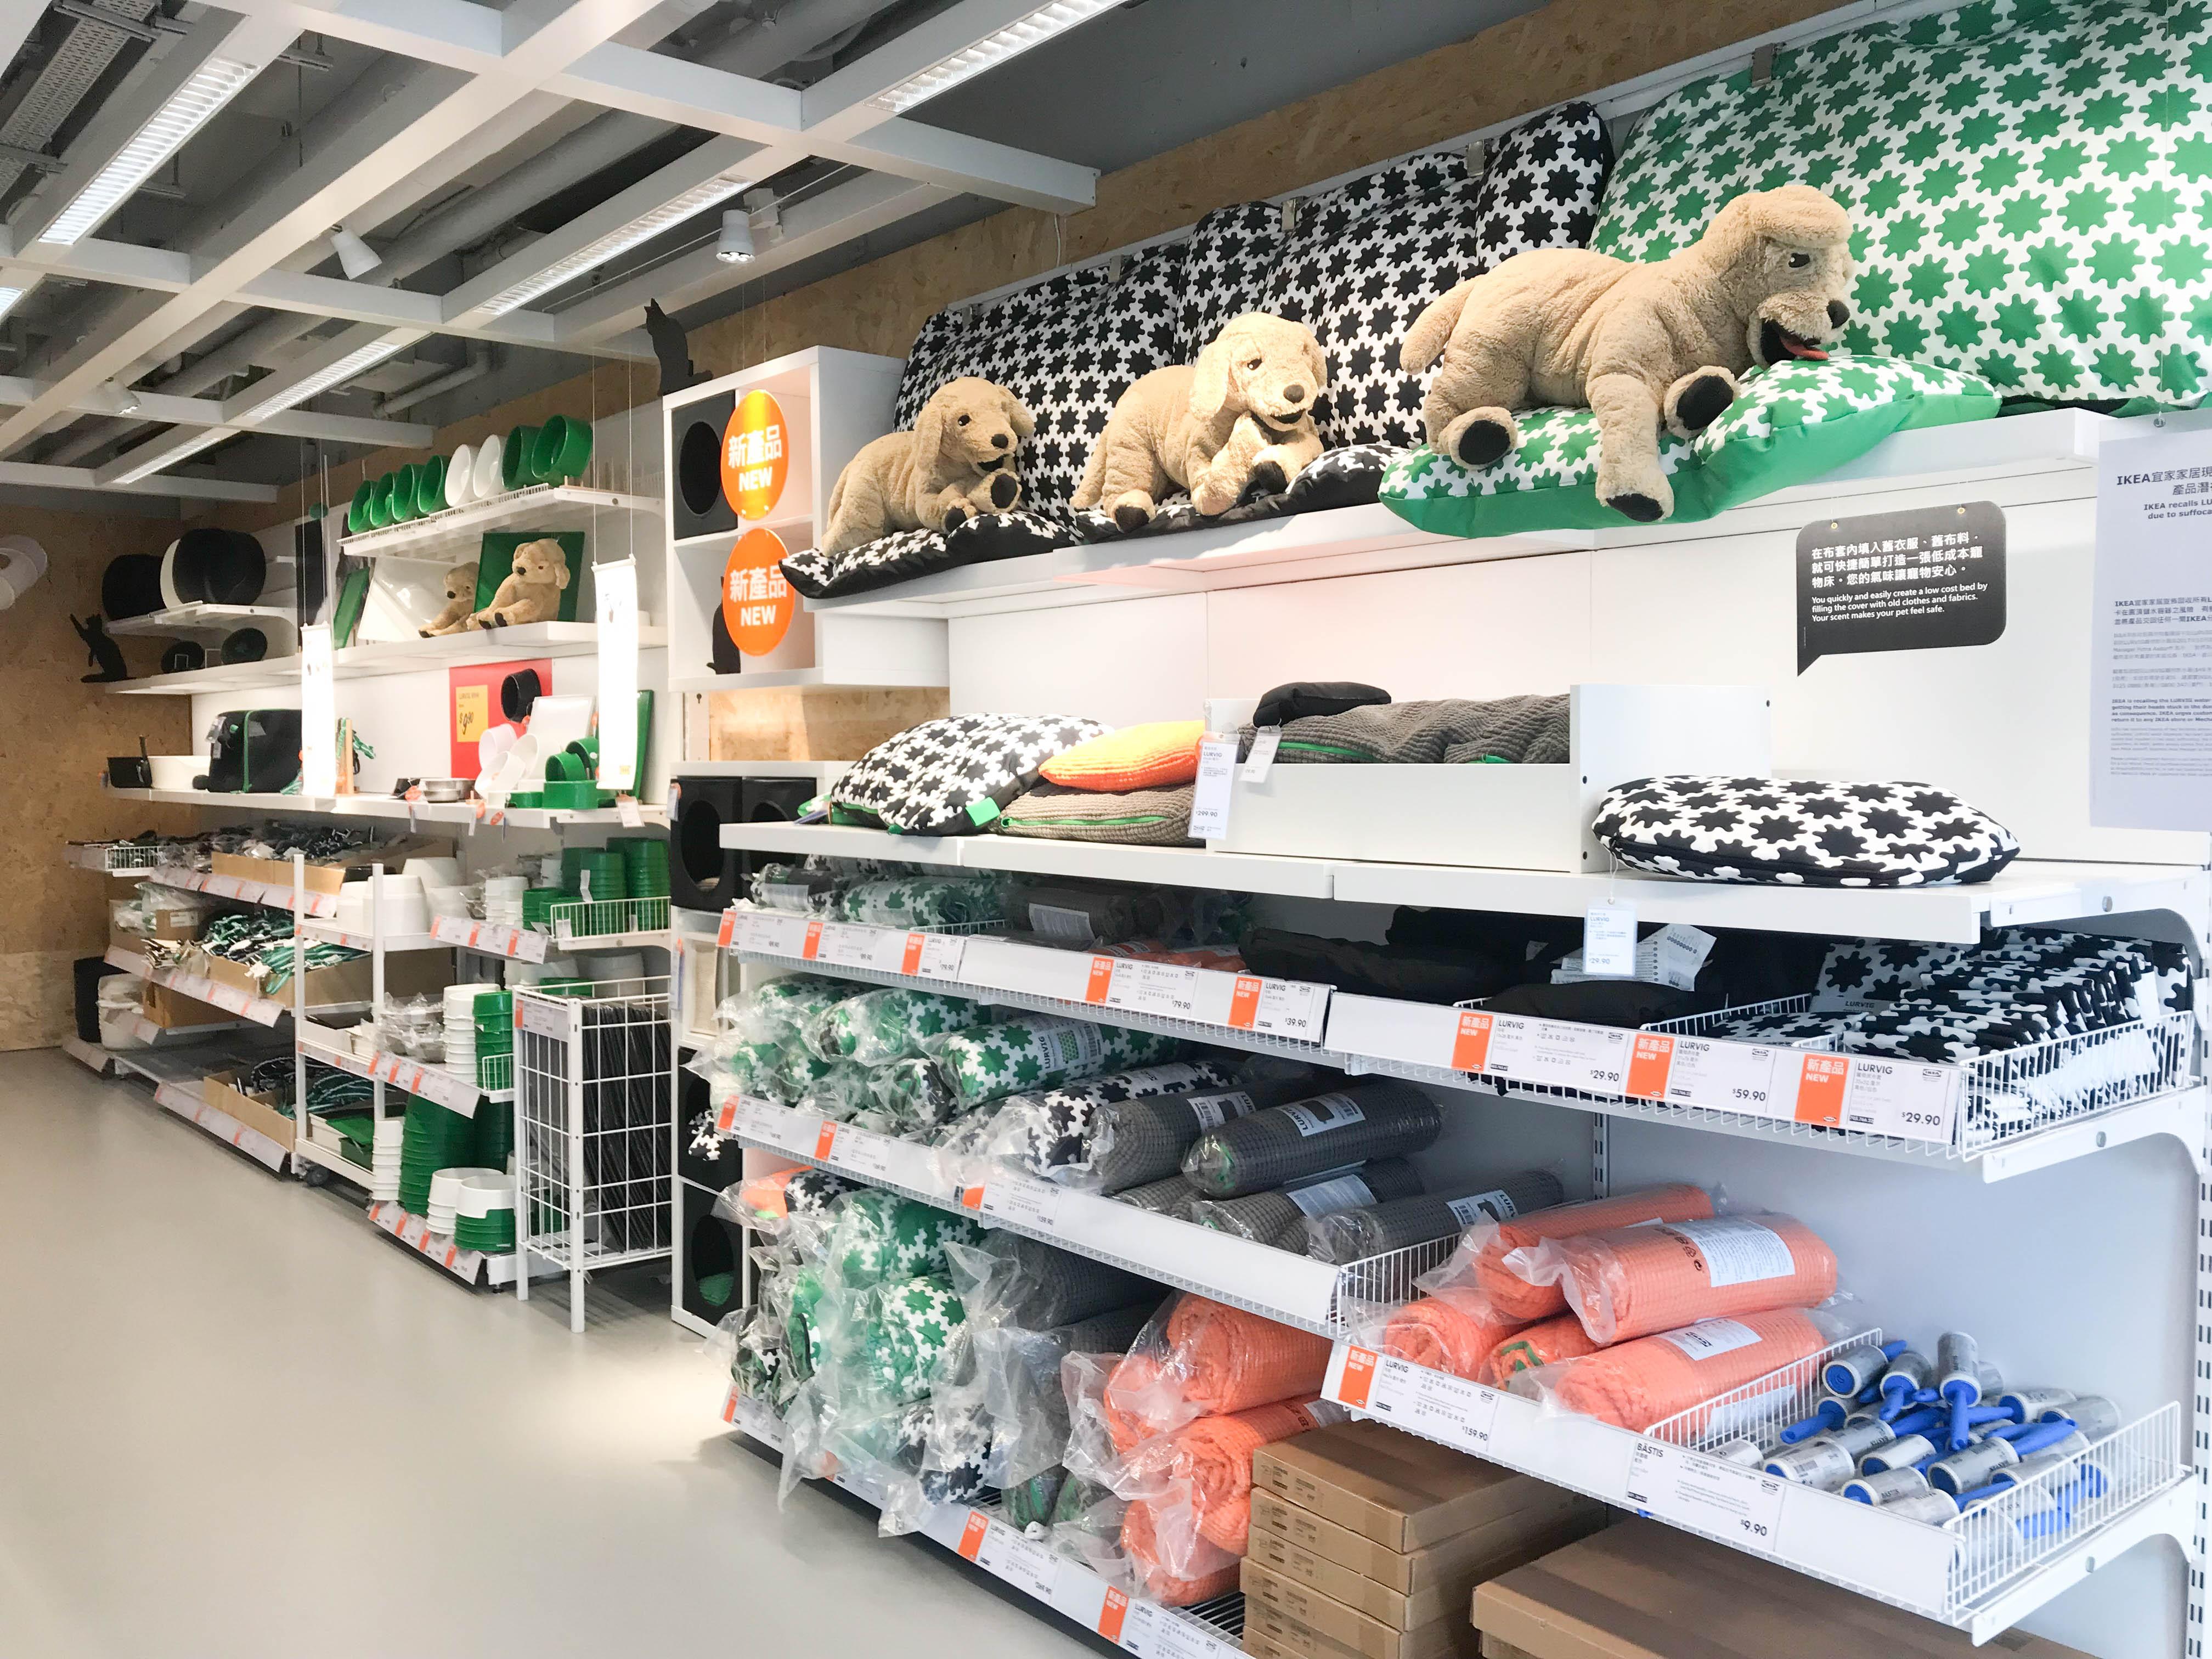 【親子好hea處】免費兒童樂園 x 親子Cafe x $16兒童餐@全新IKEA荃灣店 – 媽媽經|專屬於媽媽的網站